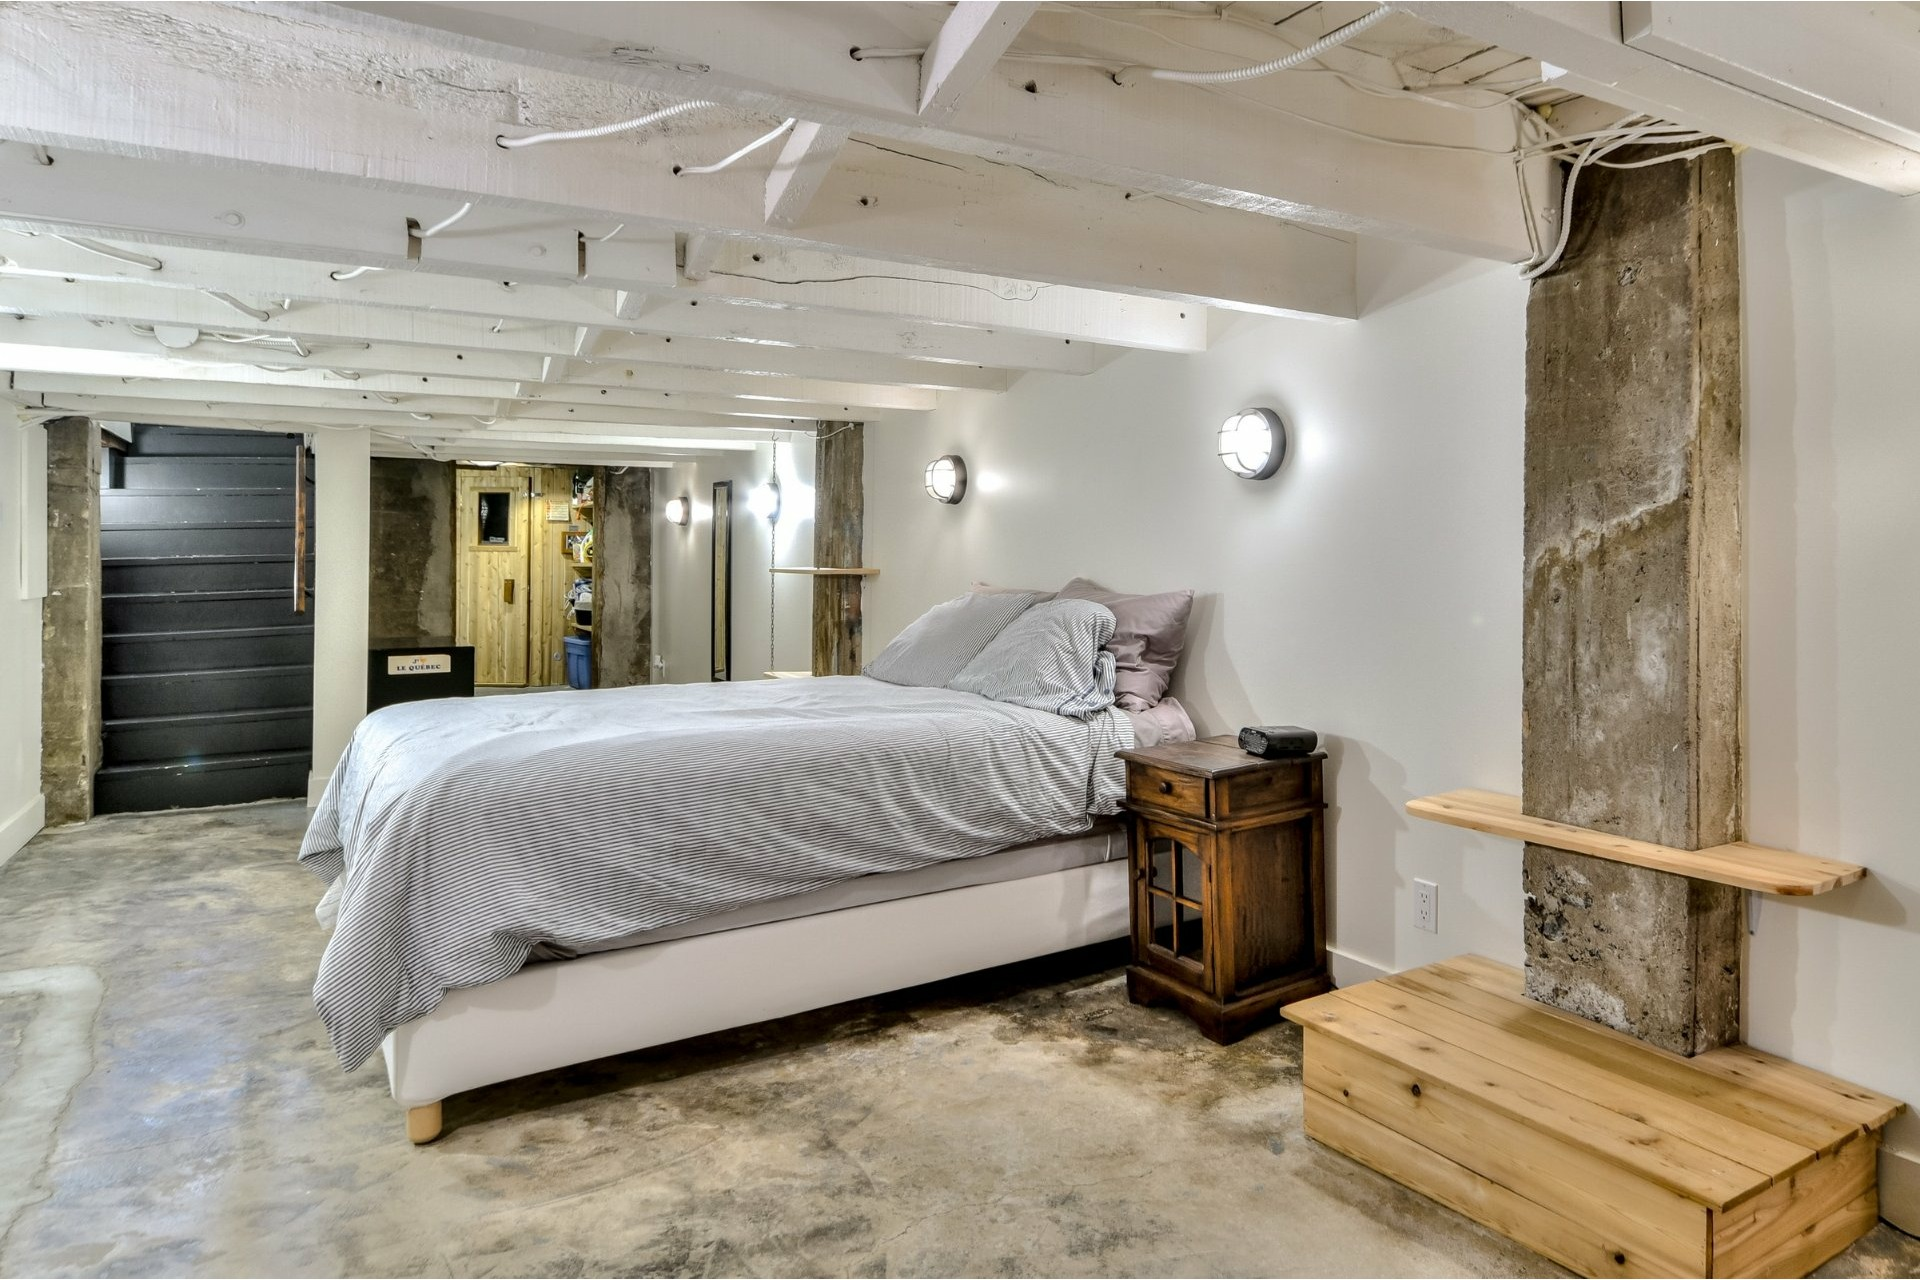 image 18 - Apartment For sale Le Plateau-Mont-Royal Montréal  - 5 rooms